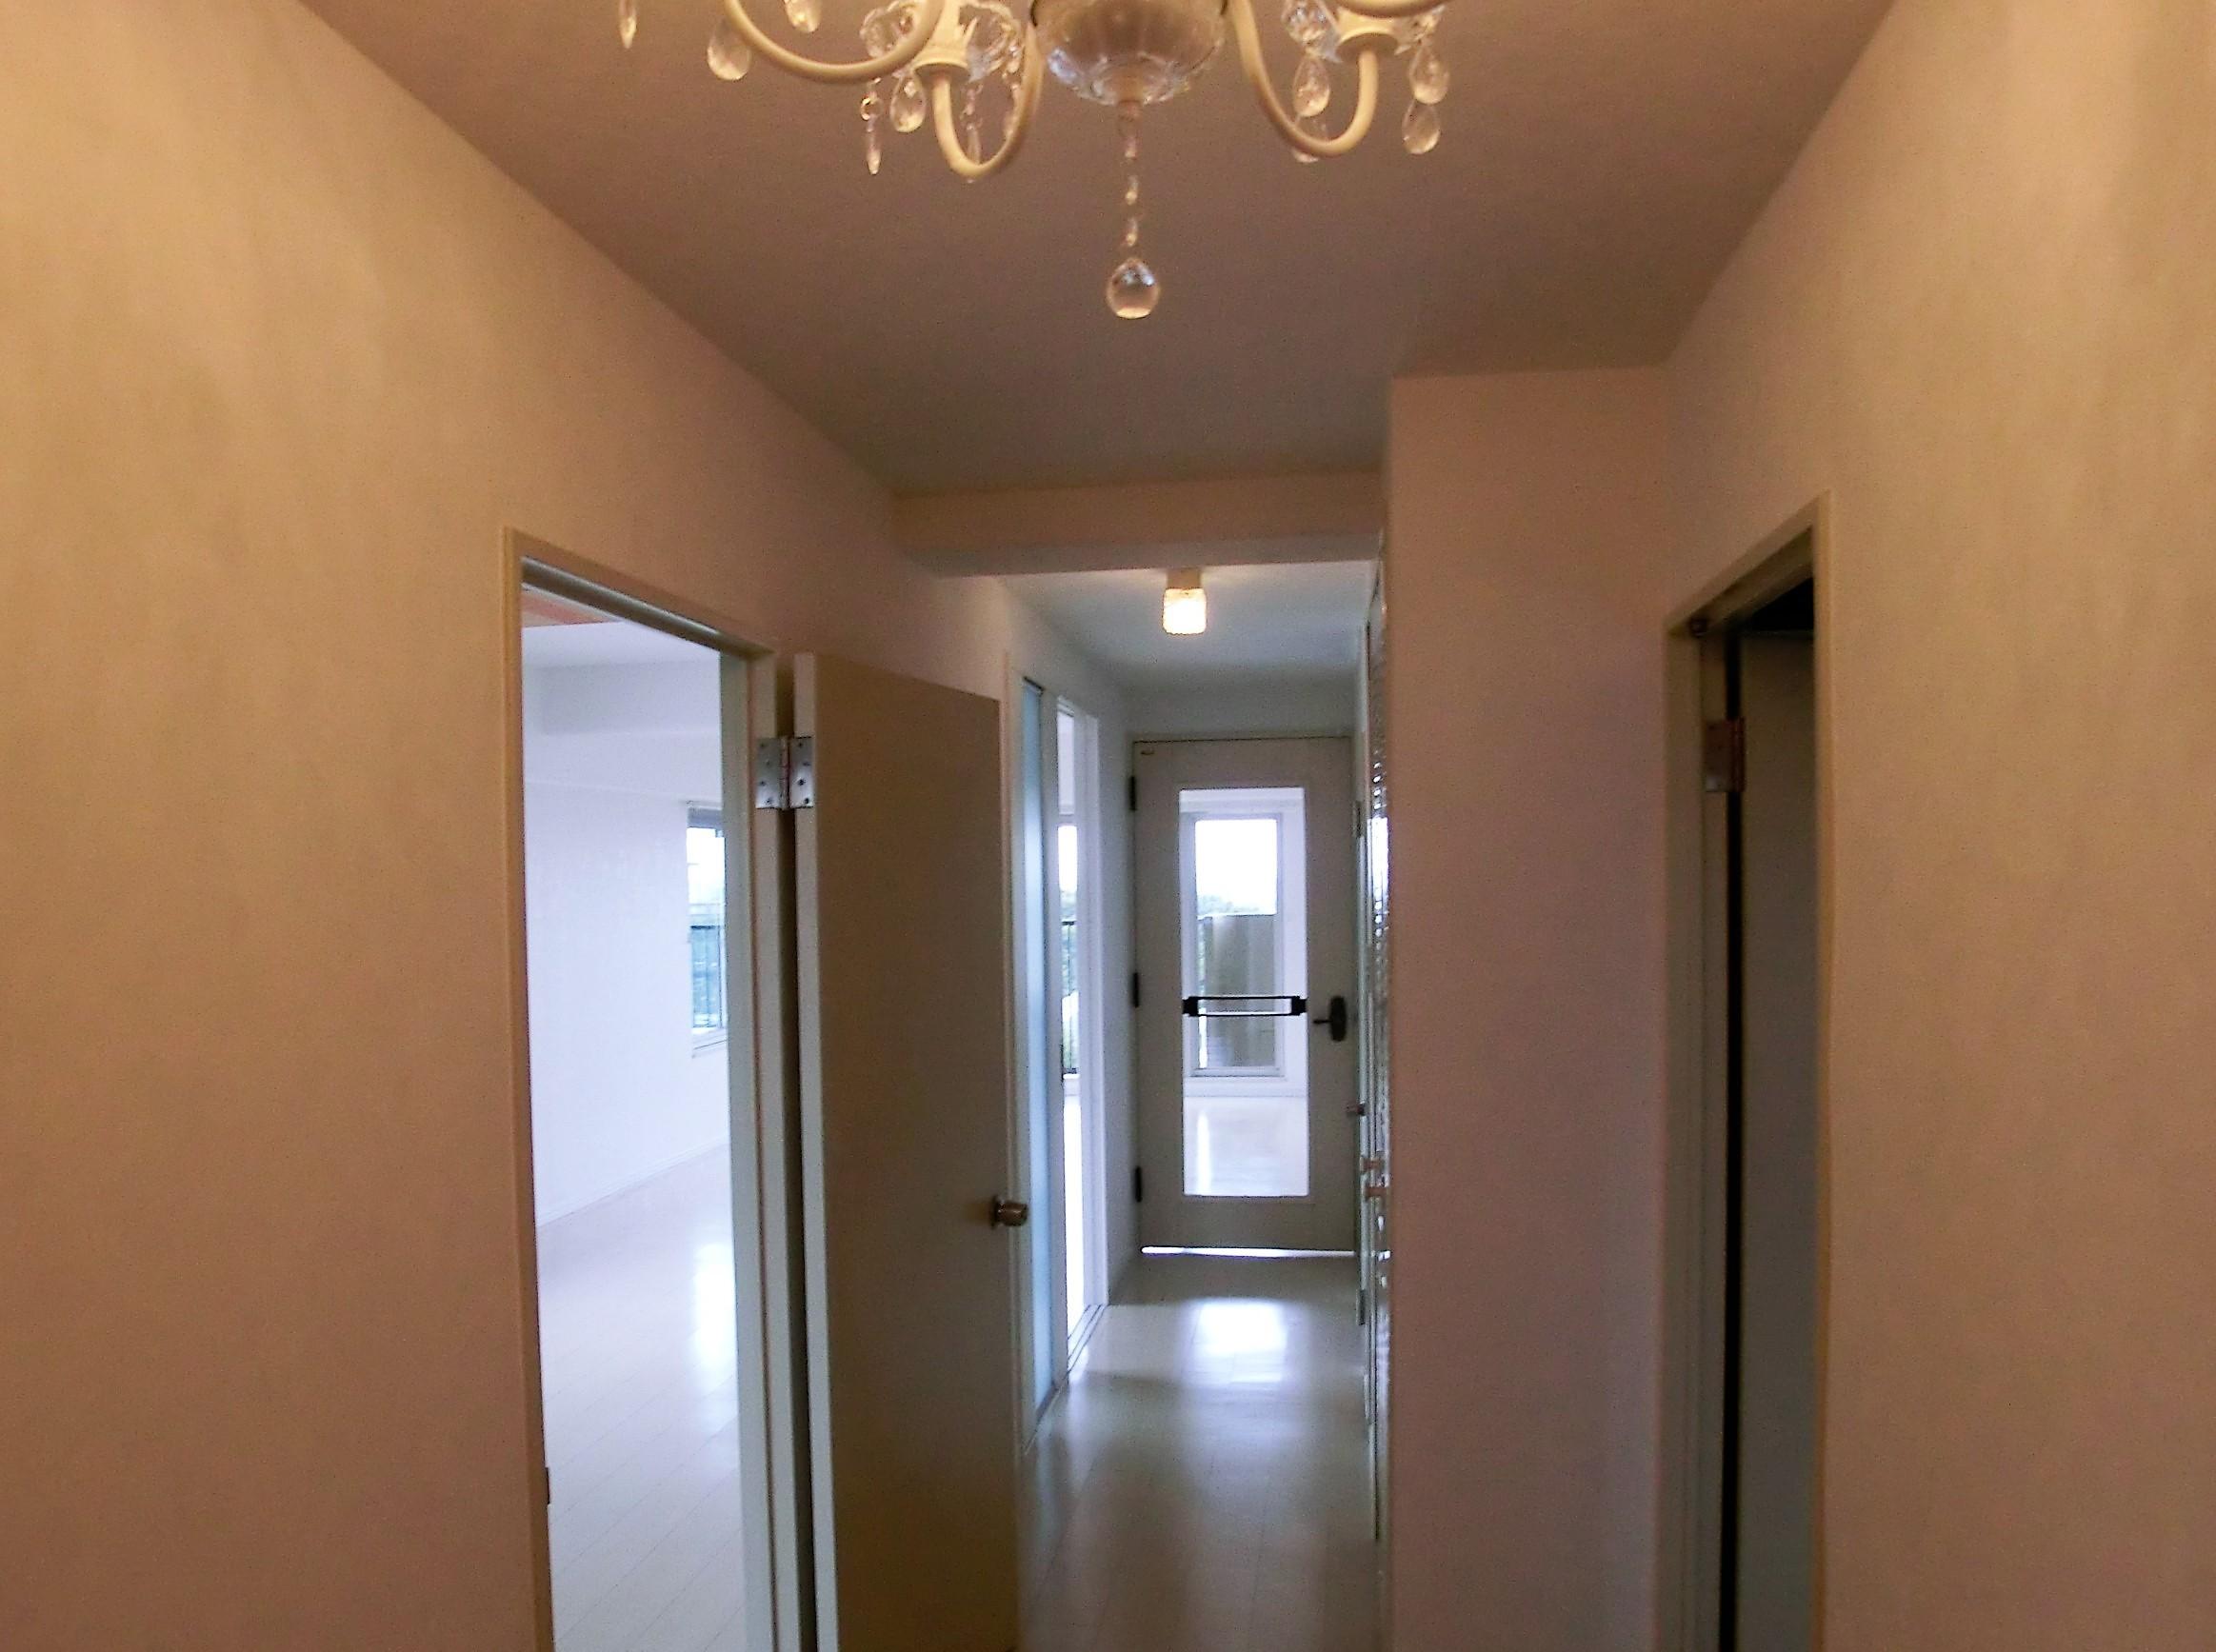 その他事例:シャンデリアと廊下も白で明るい空間に(ビビットなカラーのキッチンが中心のマンションリフォーム)